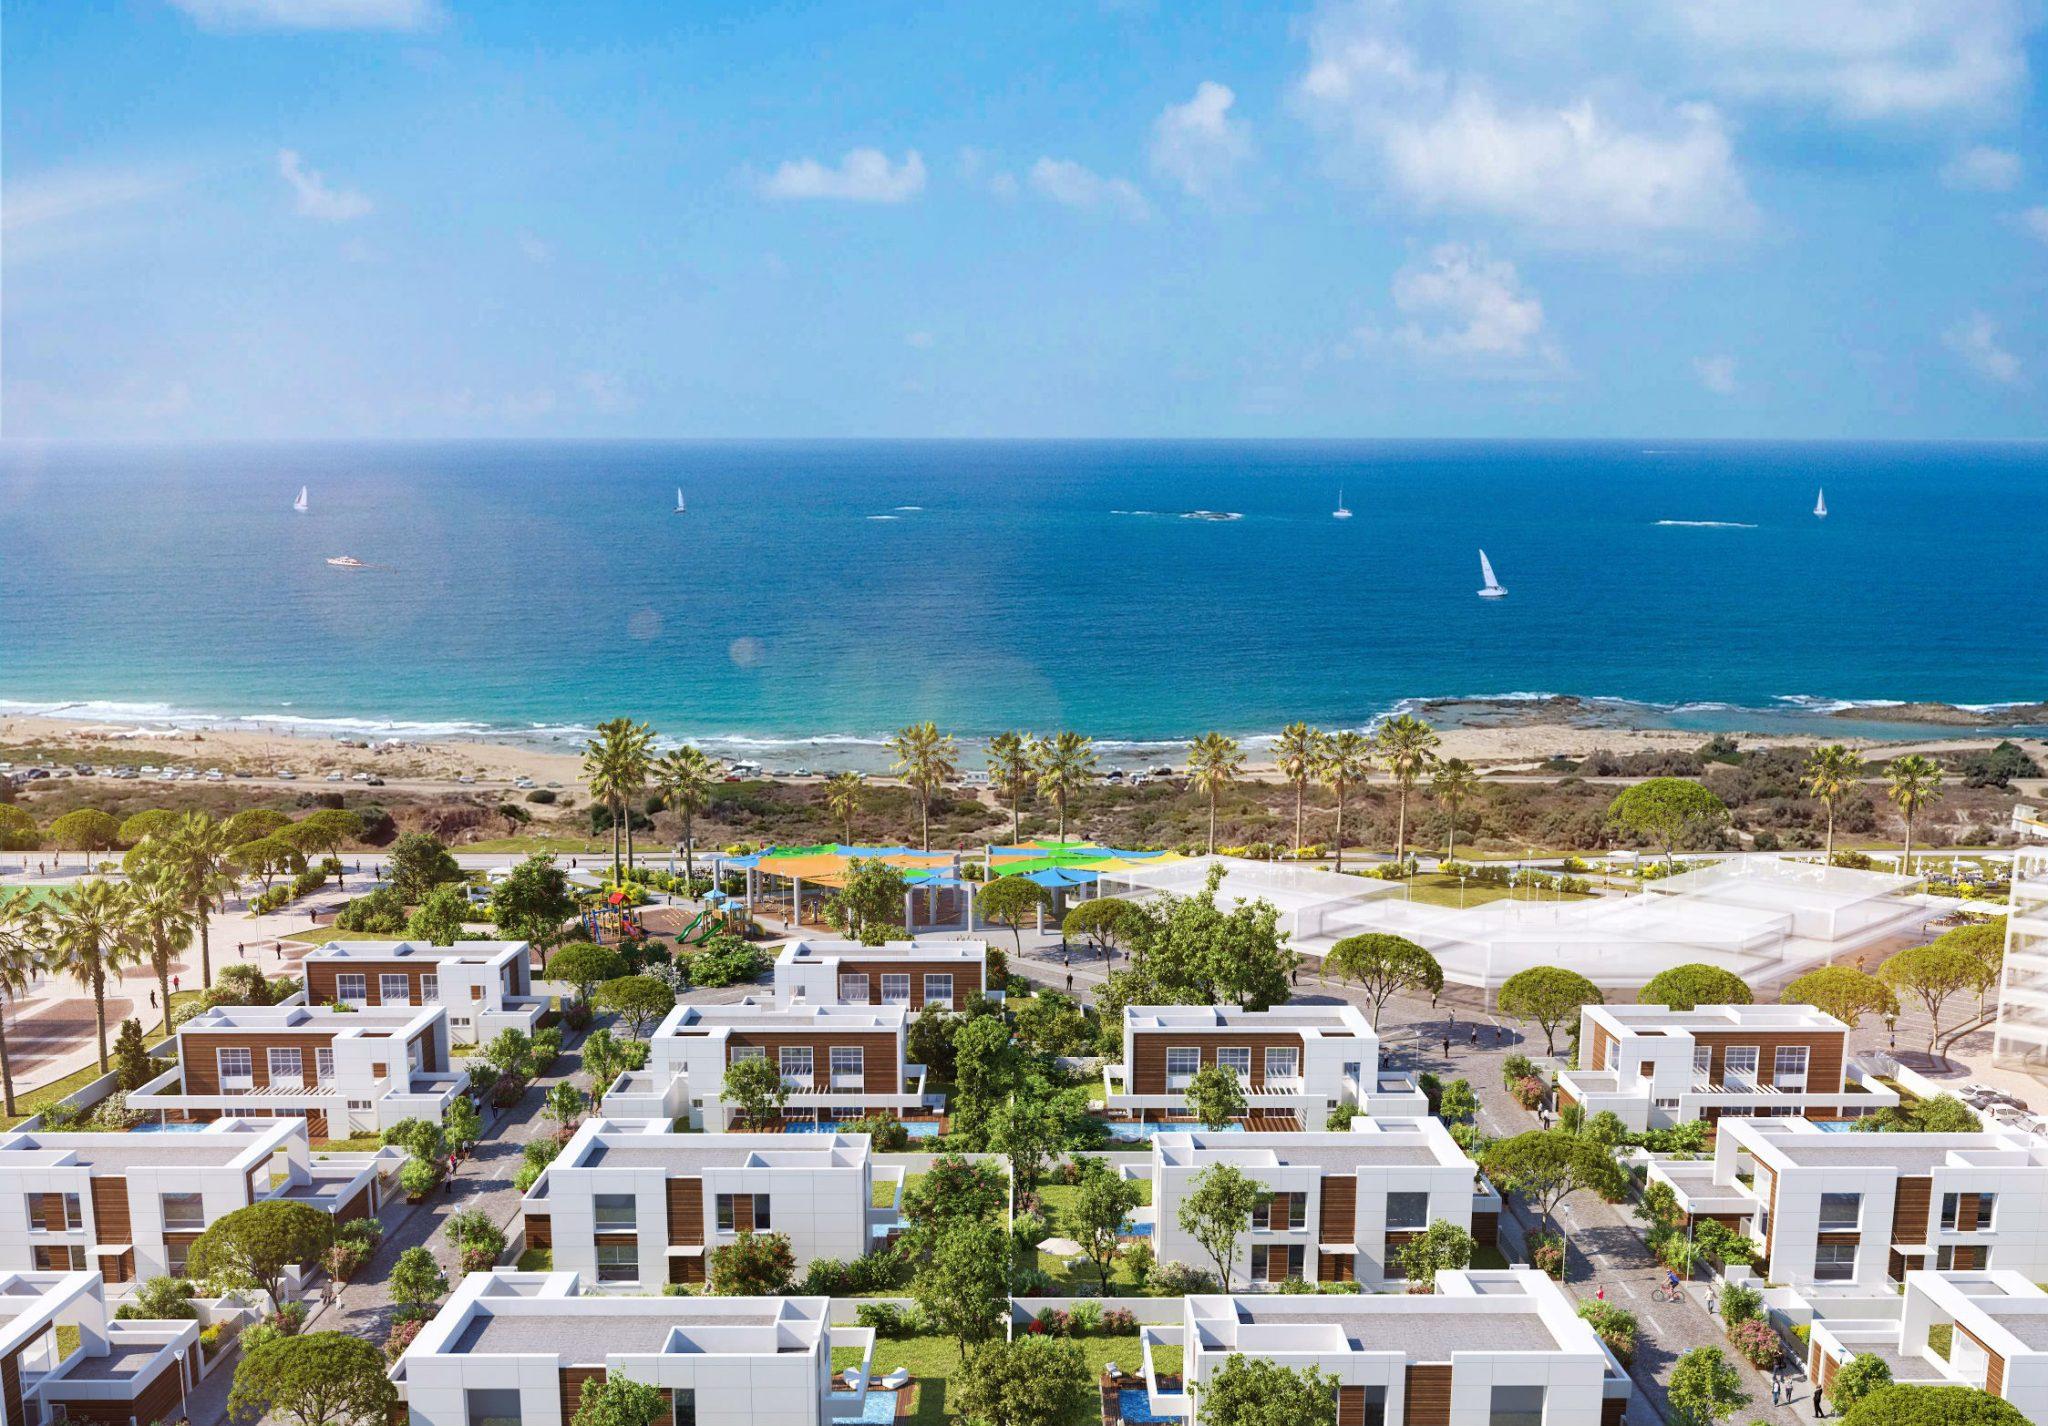 וילה חדשה עם בריכה על רצועת החוף הכי יפה בישראל, שמורת הטבע אכזיב – תעלה לכם רק 3 מיליון שקל